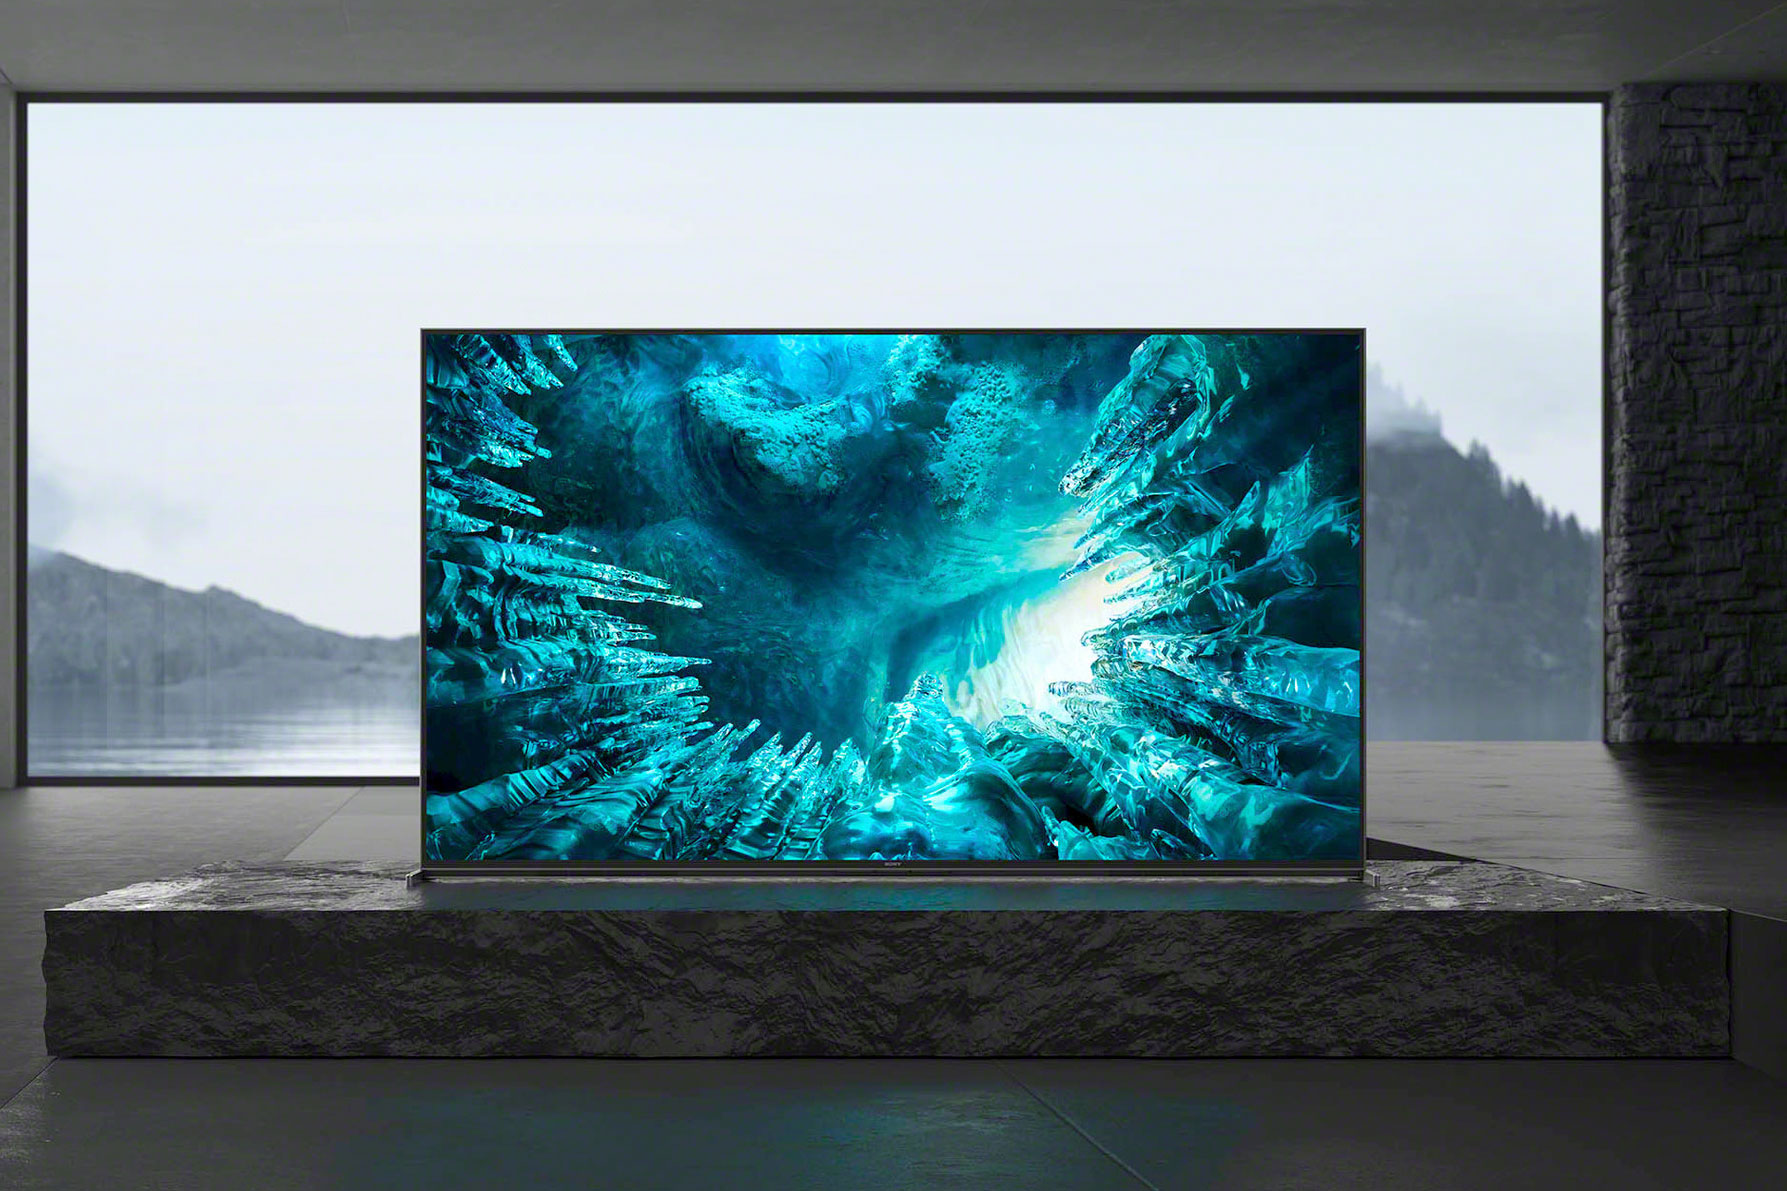 ソニー 第2世代8k液晶テレビ Z8h 海外発表 85 75型 4k 120fps入力